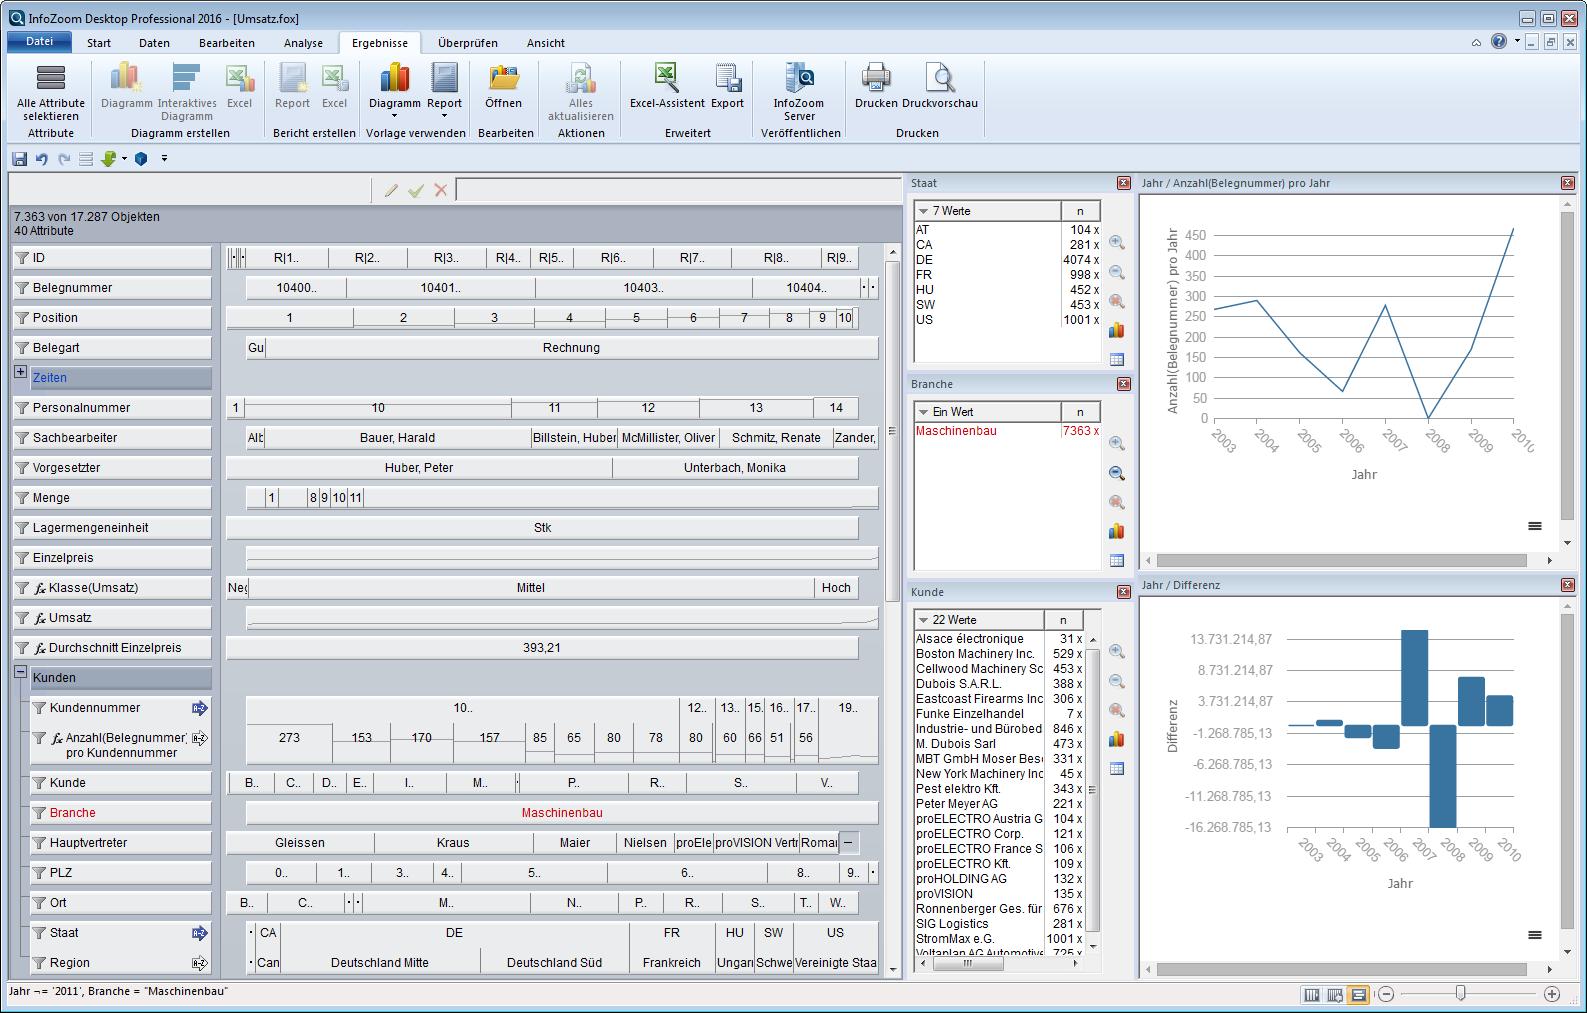 Datenanalyse Software InfoZoom – Funktionen & Vorteile